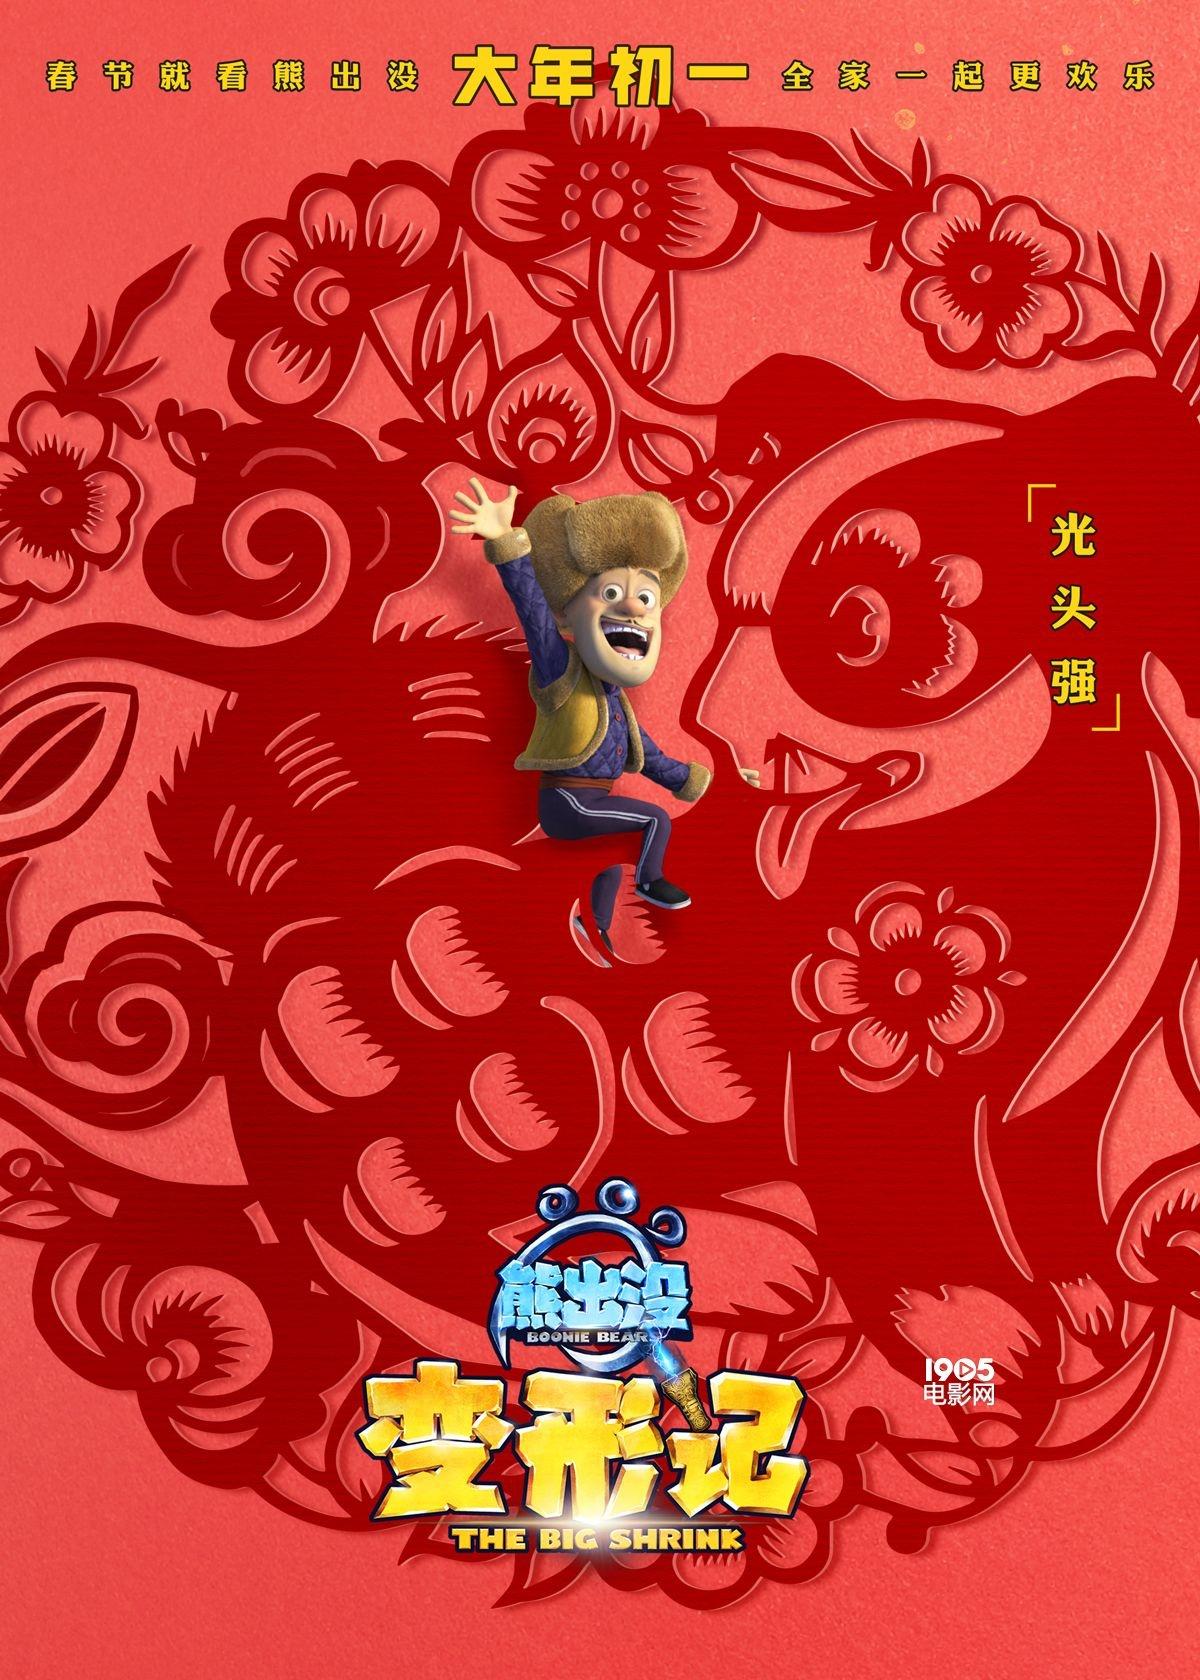 《熊出没·变形记》新海报 国产动画进军春节档